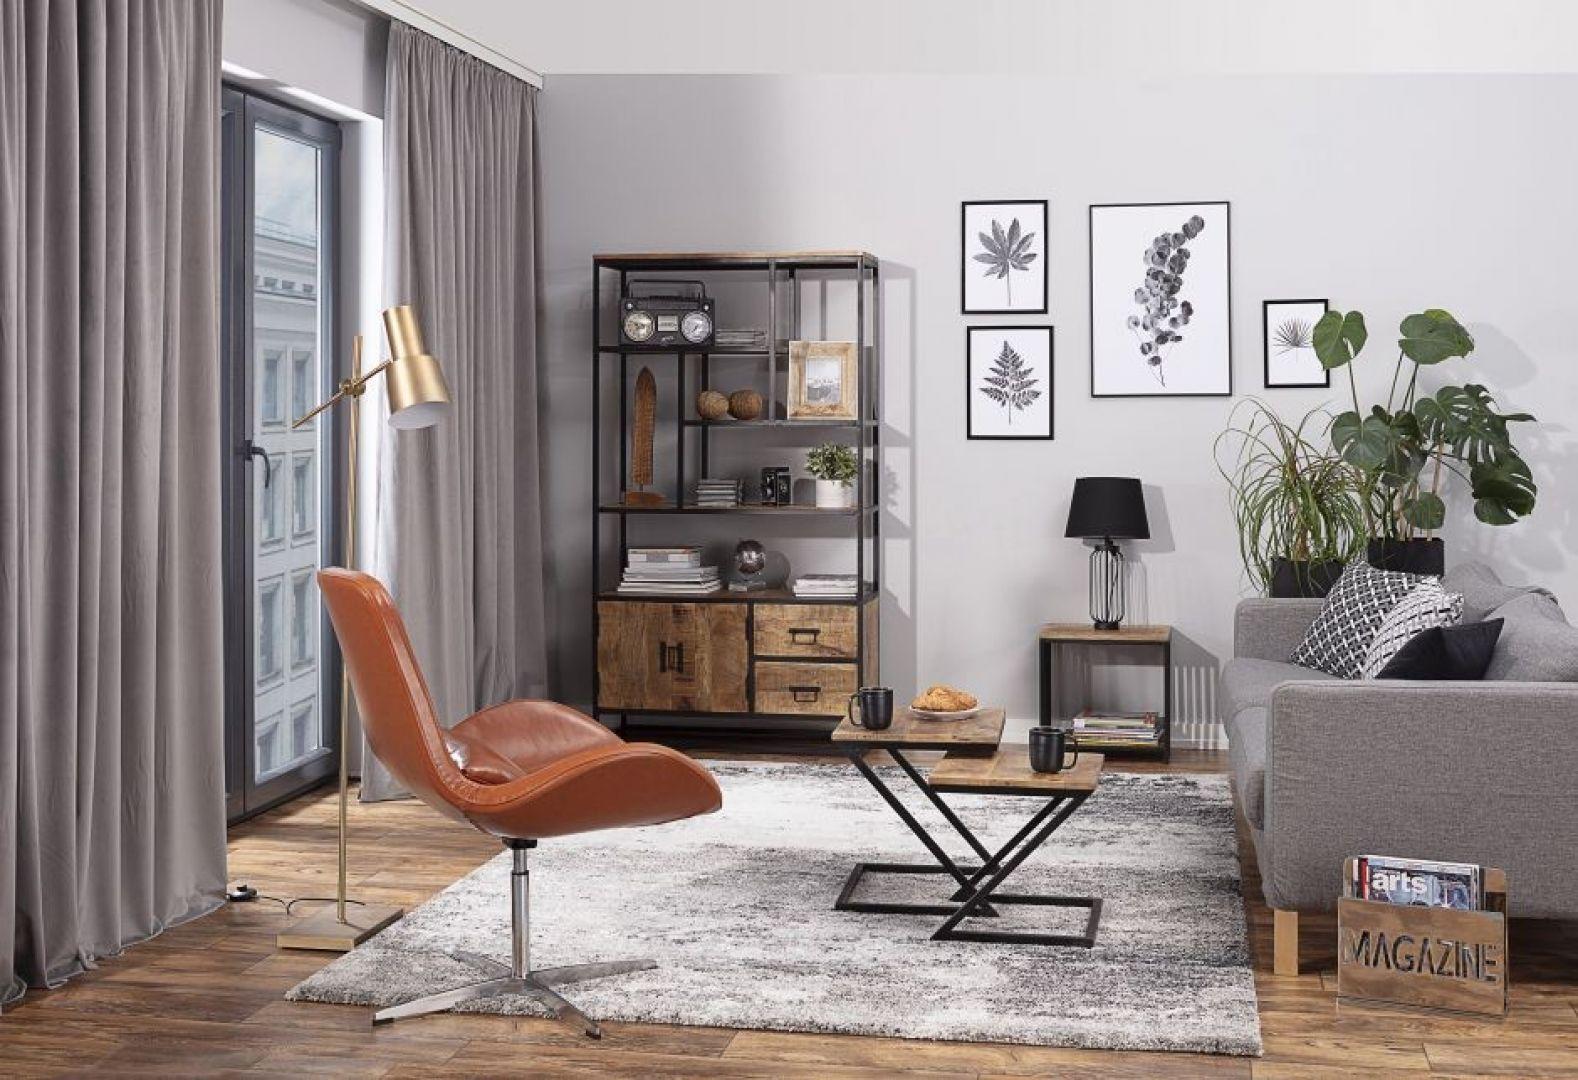 Masywne meble obciążają pomieszczenie. Dlatego w małym wnętrzu postaw na te nieco bardziej nowoczesne, o lekkiej konstrukcji. Fot. Dekoria